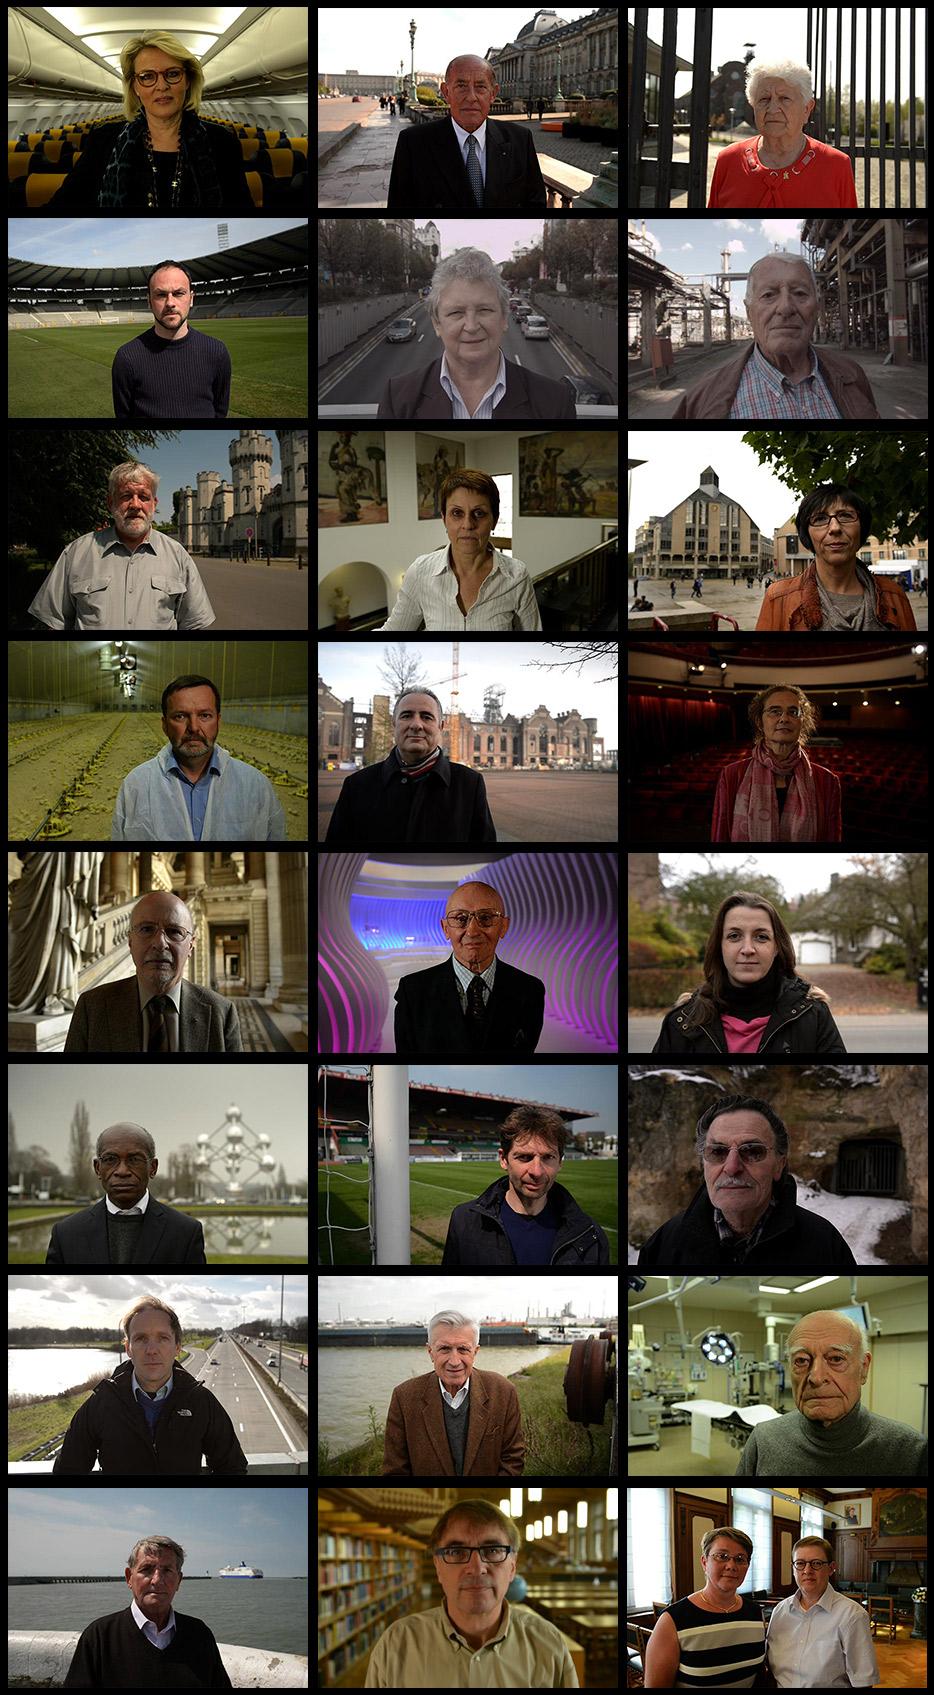 http://www.nooitmeerdezelfde.be/wp-content/uploads/2013/08/nmd_collage1.jpg